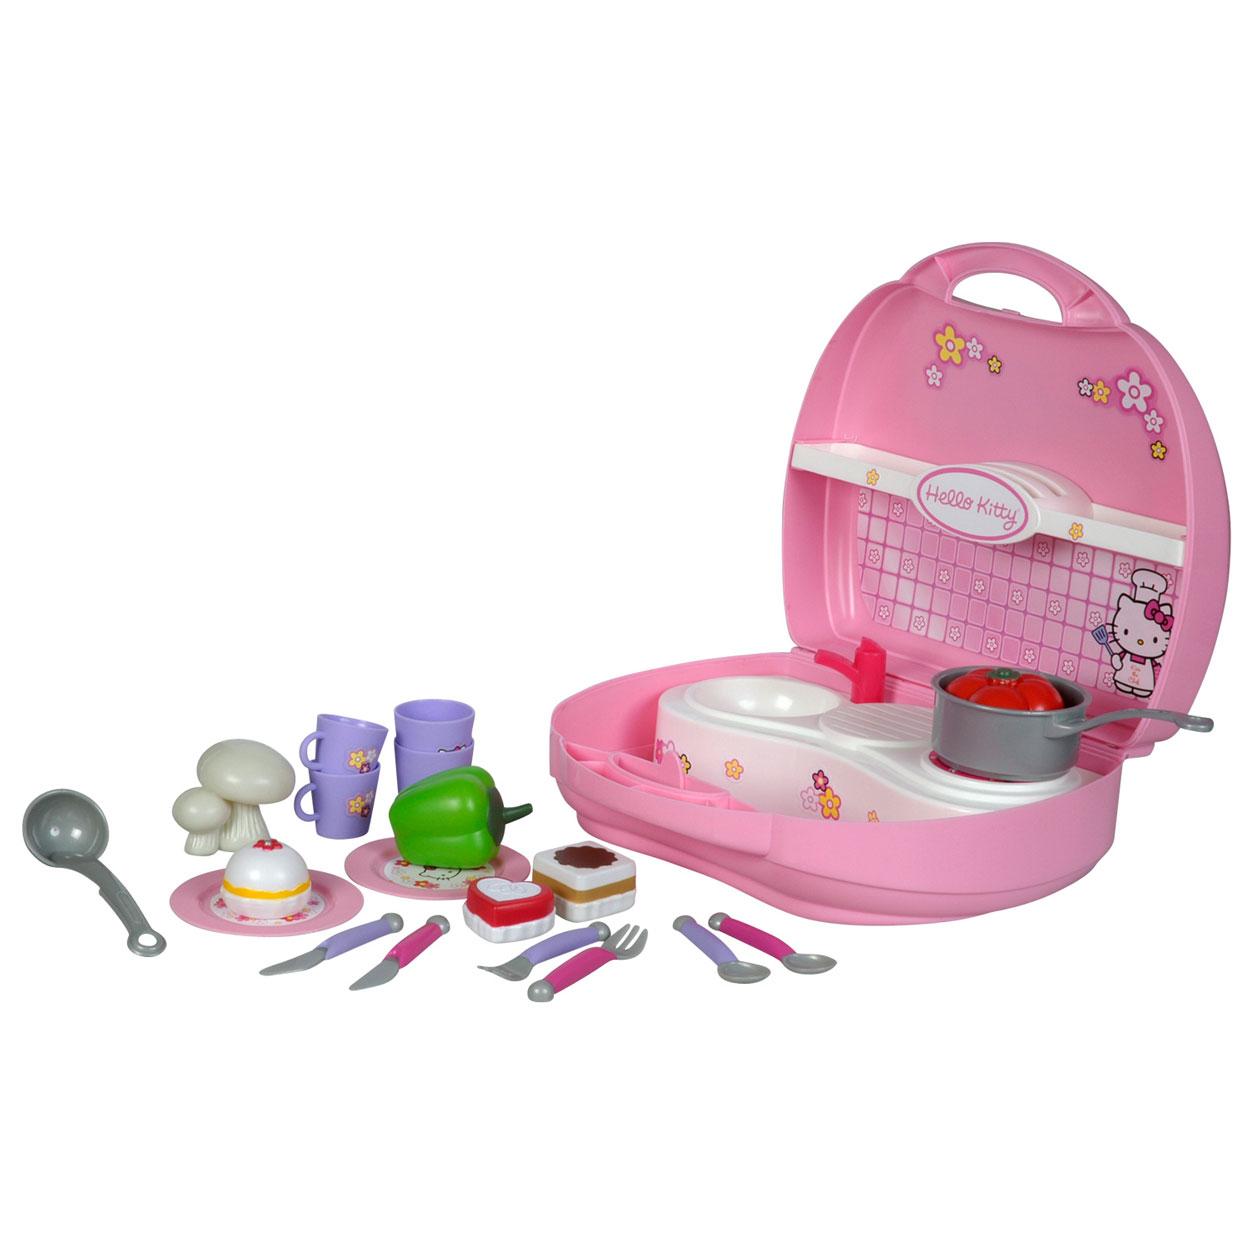 Mini Keuken Hello Kitty online kopen  Lobbesnl # Fyndig Wasbak_191809